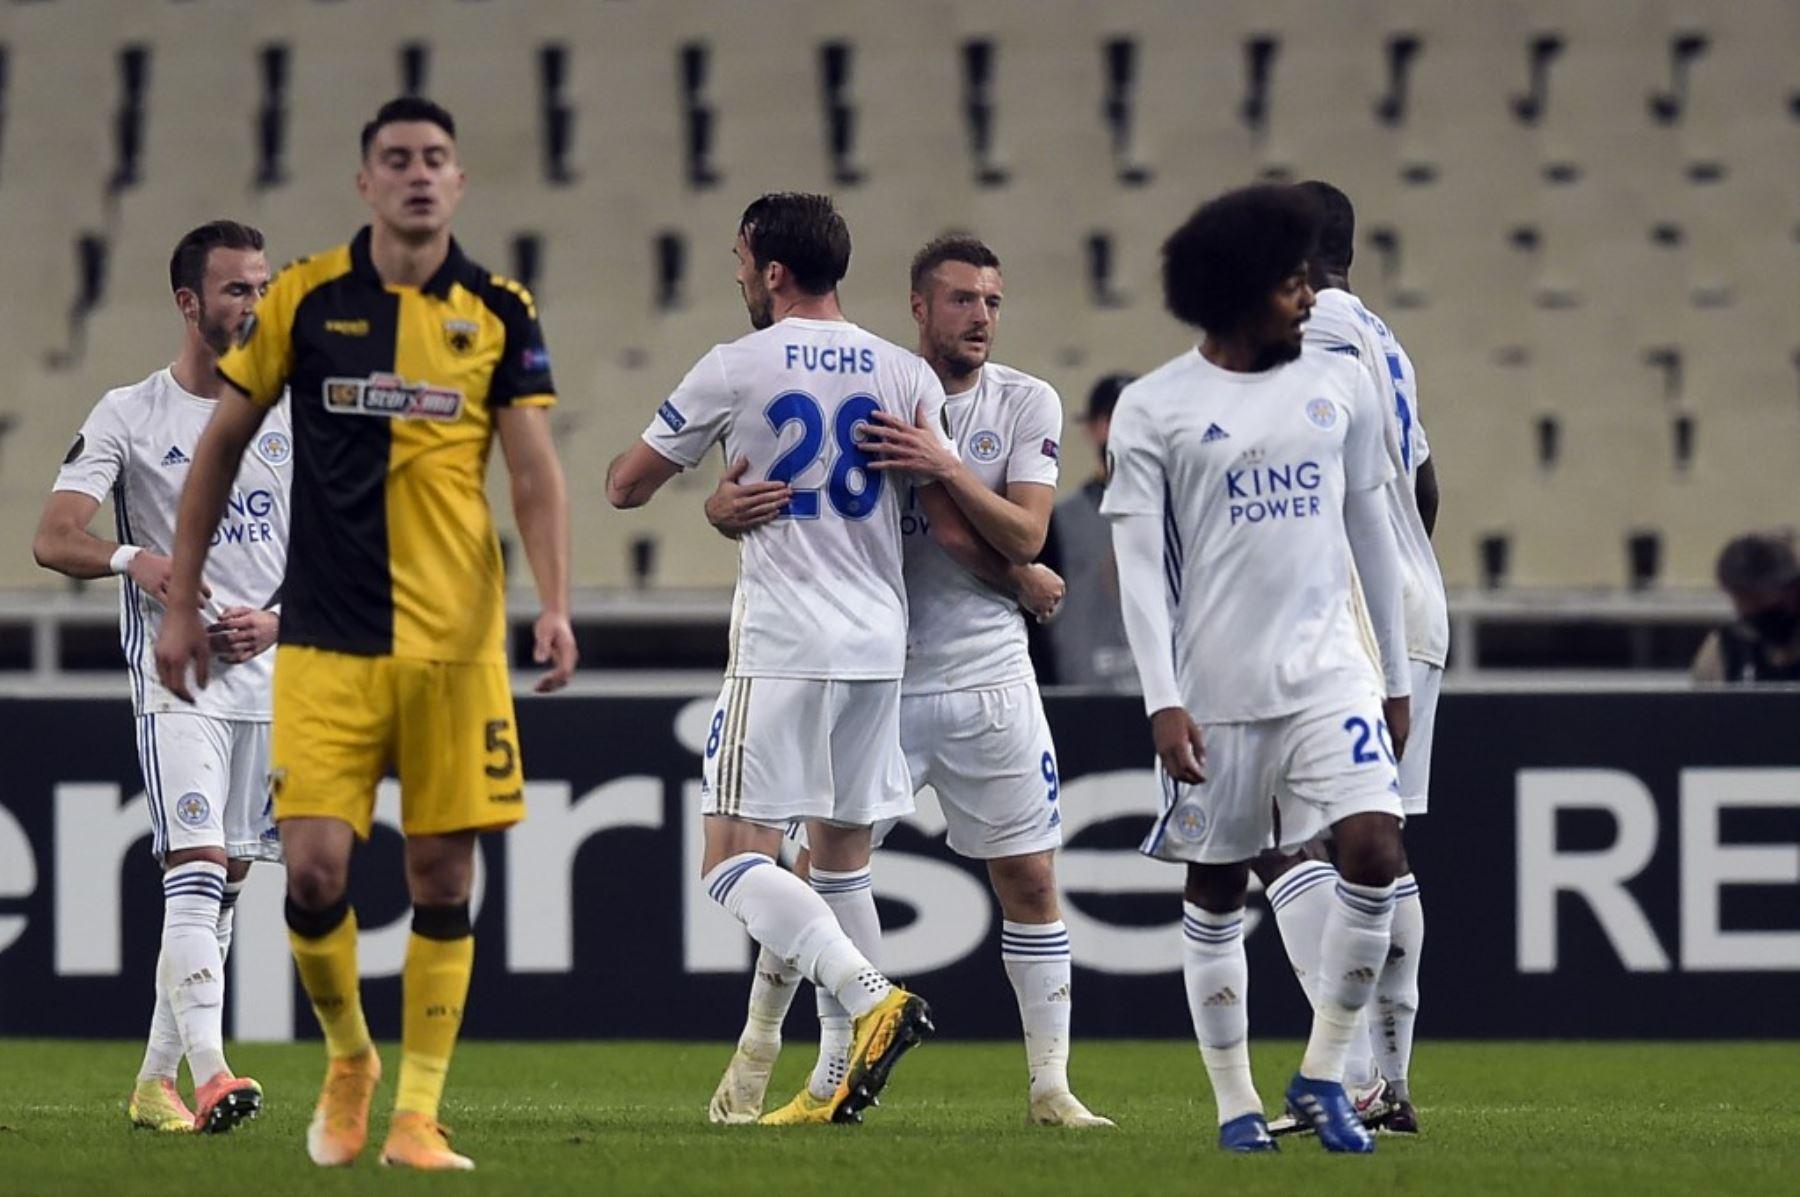 El delantero del a Leicester, Jamie Vardy, celebra con sus compañeros luego de anotar un gol ante el AEK